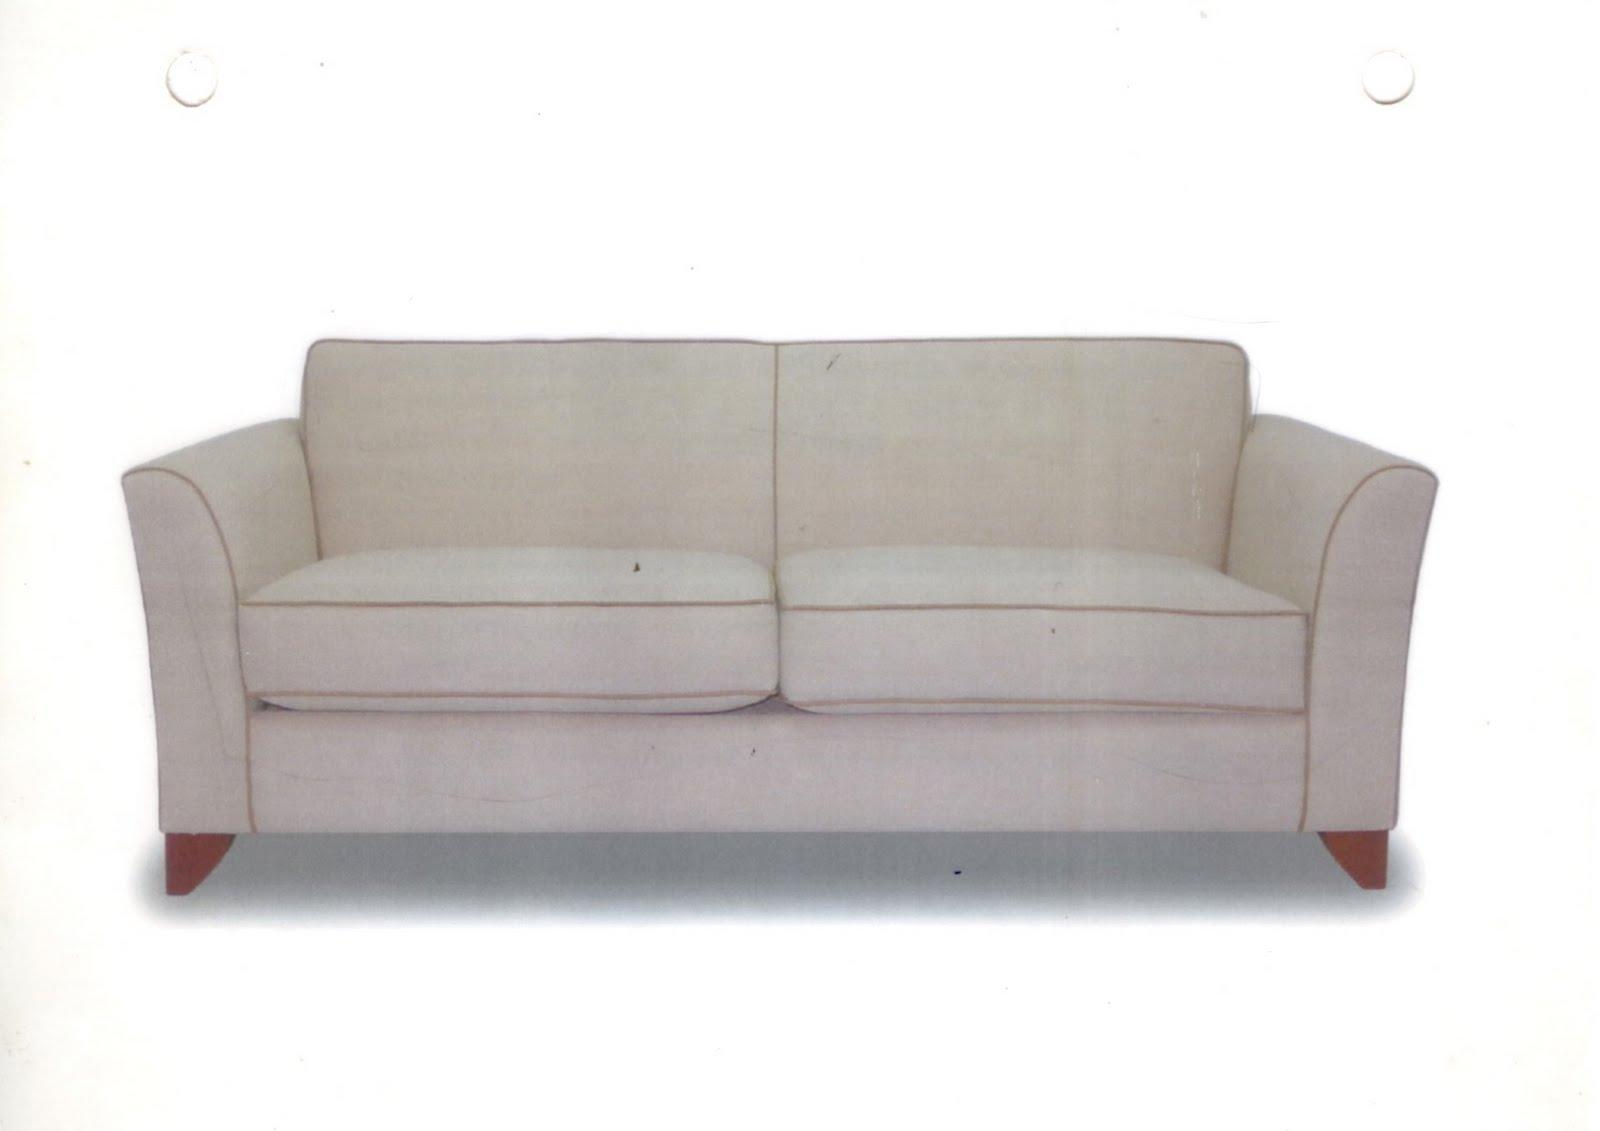 Confort y dise o en muebles sa de cv muebles contemporaneos for Diseno de muebles guadalajara